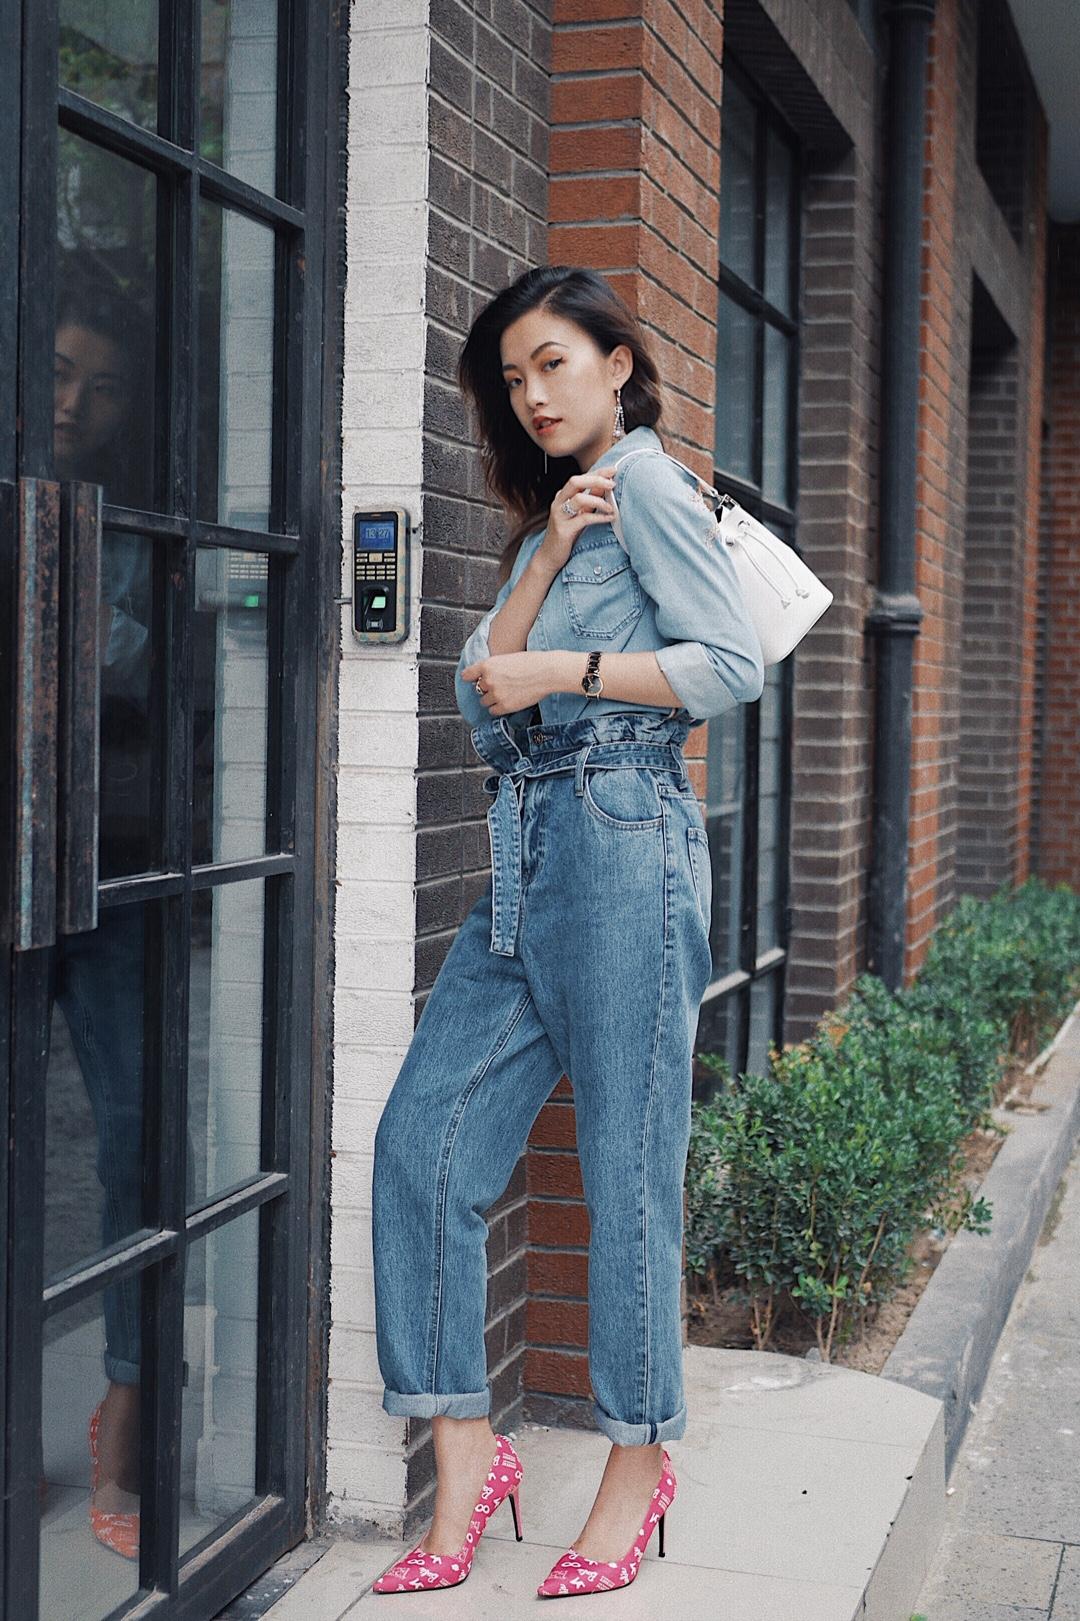 如何穿好一身牛仔服? 两种借鉴办法—— 1️⃣上下选择相同or相近色度的牛仔单品,最好是饱和度都低或者像我穿的这一身饱和度都高的 2️⃣上深下浅or上浅下深,色度对比一定要大!越大越好! 不过个人还是更多偏向于选择相近颜色搭配的 - 衬衫和高腰裤|MissSixty 都是这次MissSixty新出的天使系列,海报款~迪丽热巴也有上身哦 相比热巴把衬衫扣上穿,豪放的我选择了全敞开式🤣内搭了一件A&F的V领小背心,露出锁骨和拉长脖子曲线,不会让深色的牛仔显得太闷 - 高跟鞋|HouseofAvenuesxBarbie 哇这个厉害了! 通常搭配牛仔啊或者需要选择搭配箭头高跟鞋的时候,无外乎我都会选择很保险的白色啊裸色啊之类的,但是这一次,我大胆尝试了一下这双Barbie粉,天呐我爱了! 这种骚粉骚粉的简直太好看了,完全成为了这套look的点睛之笔! (虽然穿上可能会显的皮肤有点黑,但是,穿这种牛仔色或者是想要驾驭这种粉色风格的姐妹,根本就不怕黑的好嘛!穿上的一瞬间,觉得自己的脚美的像吉克隽逸了) #秋装上新穿搭打卡#